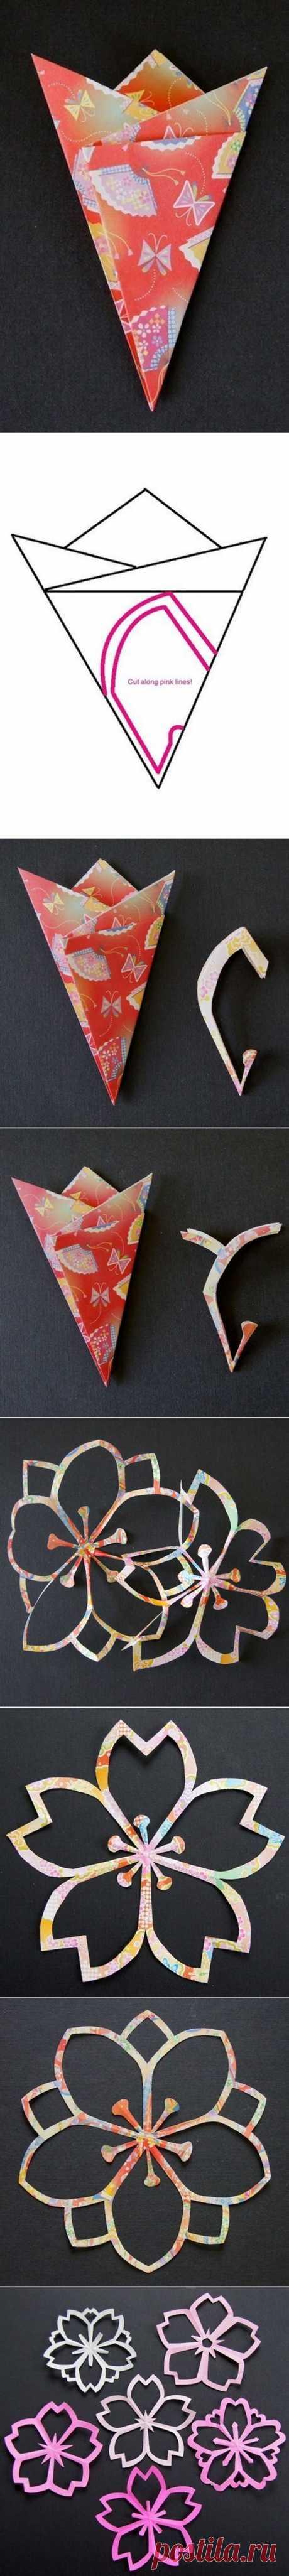 DIY Sakura Киригами Бумажные цветы | www.FabArtDIY.com